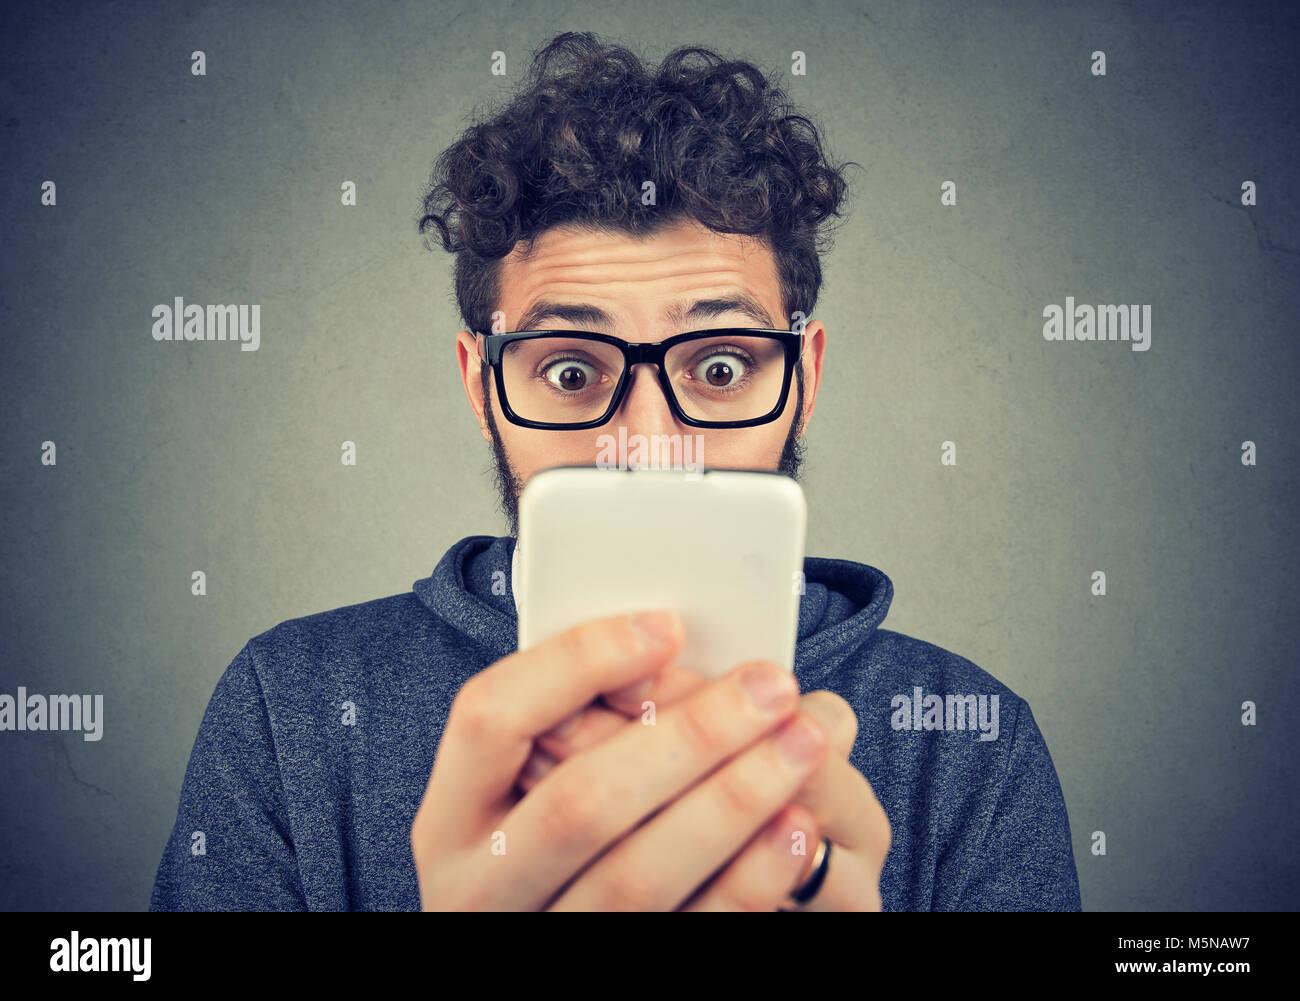 Giovane uomo barbuto in bicchieri usando il telefono con espressione di grande stupore. Immagini Stock